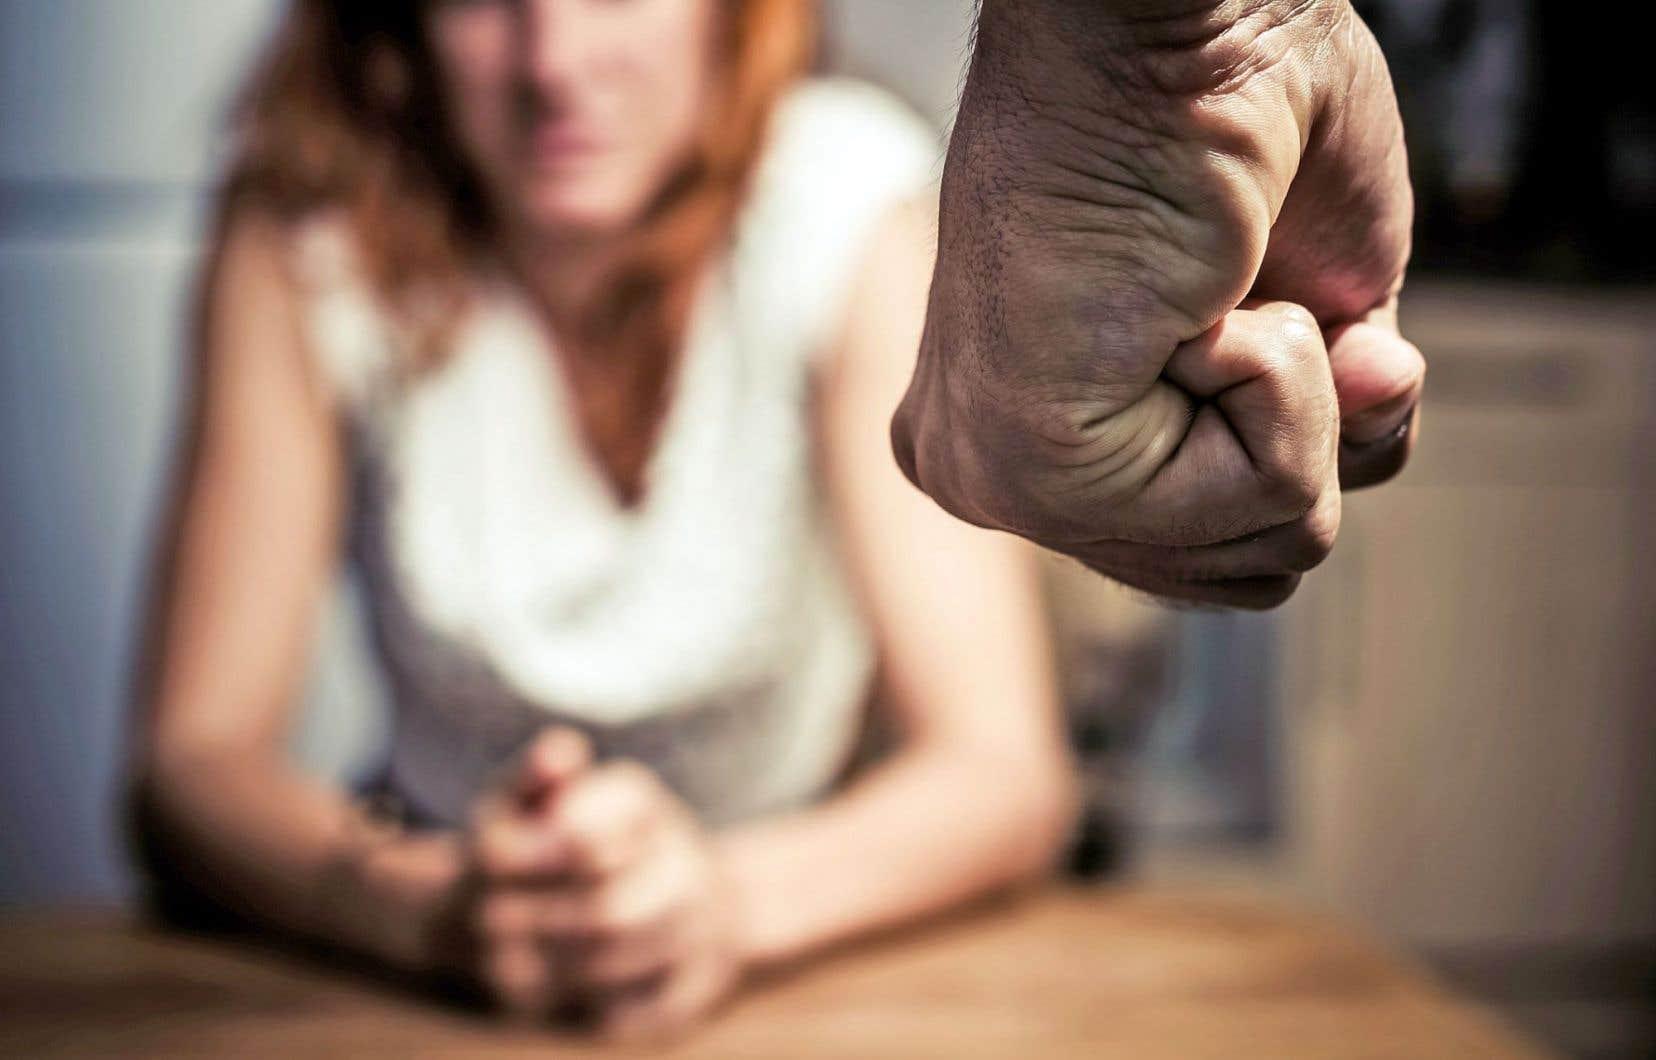 Aux États-Unis, des États ont instauré des processus expéditifs de traitement des plaintes en matière de violence conjugale.